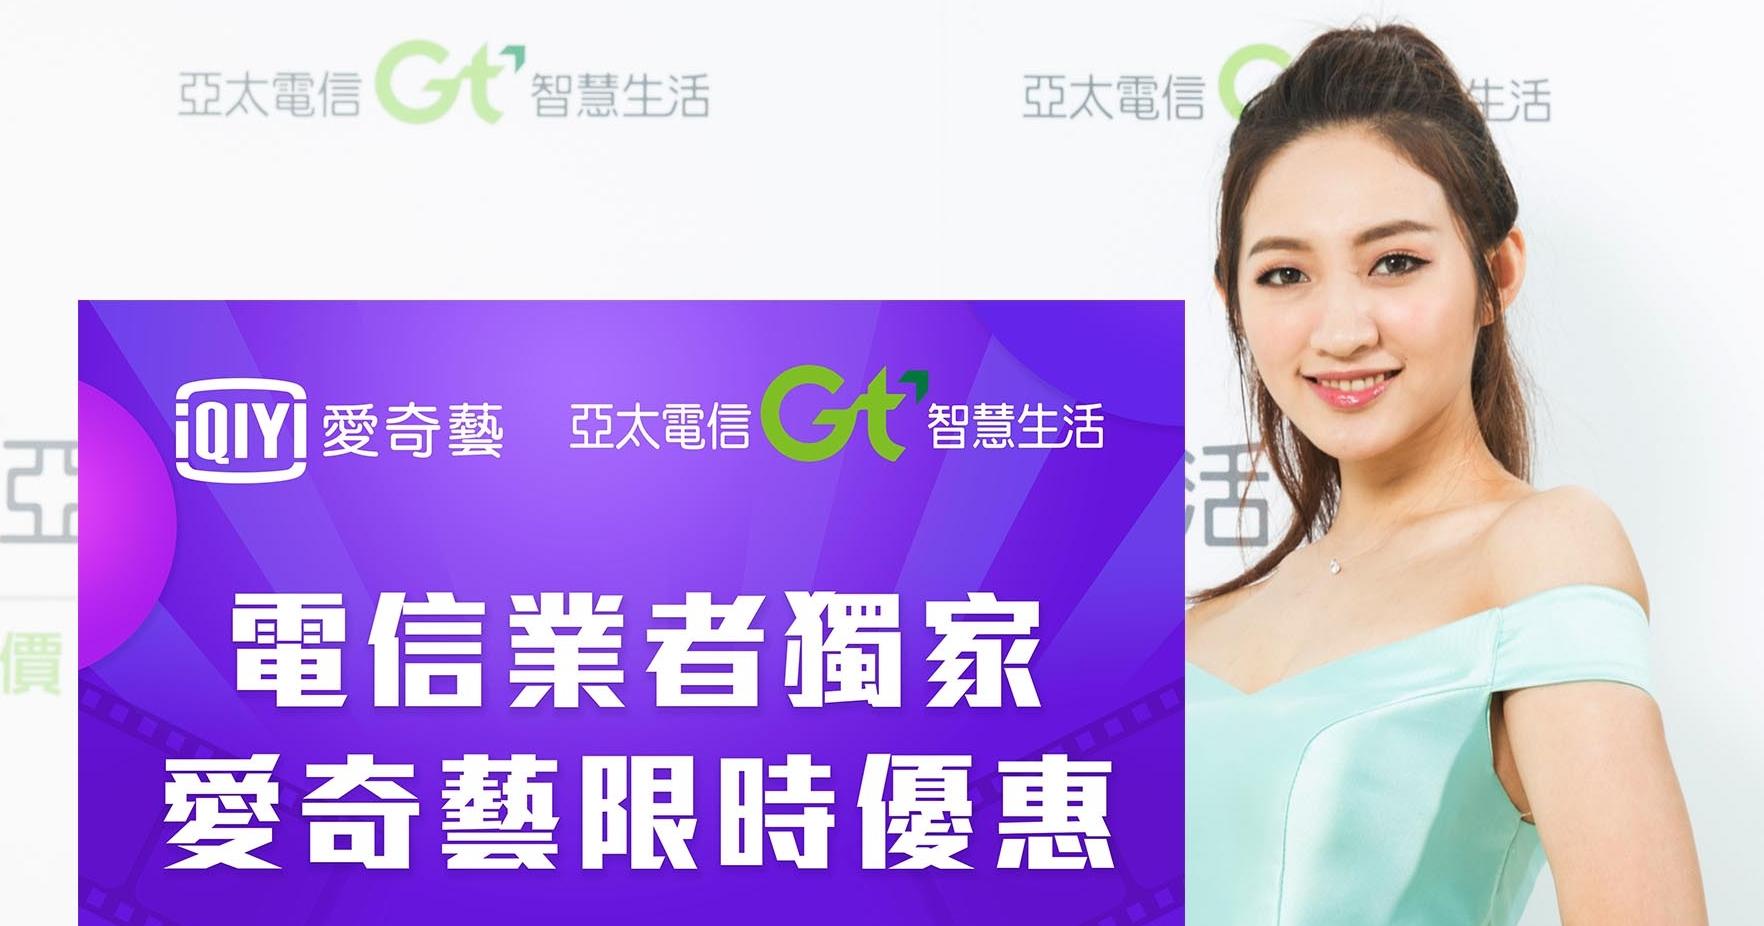 亞太電信聯手愛奇藝推 VIP 方案,韓劇/漫威/皮克斯強片看到飽一年 1,499 元